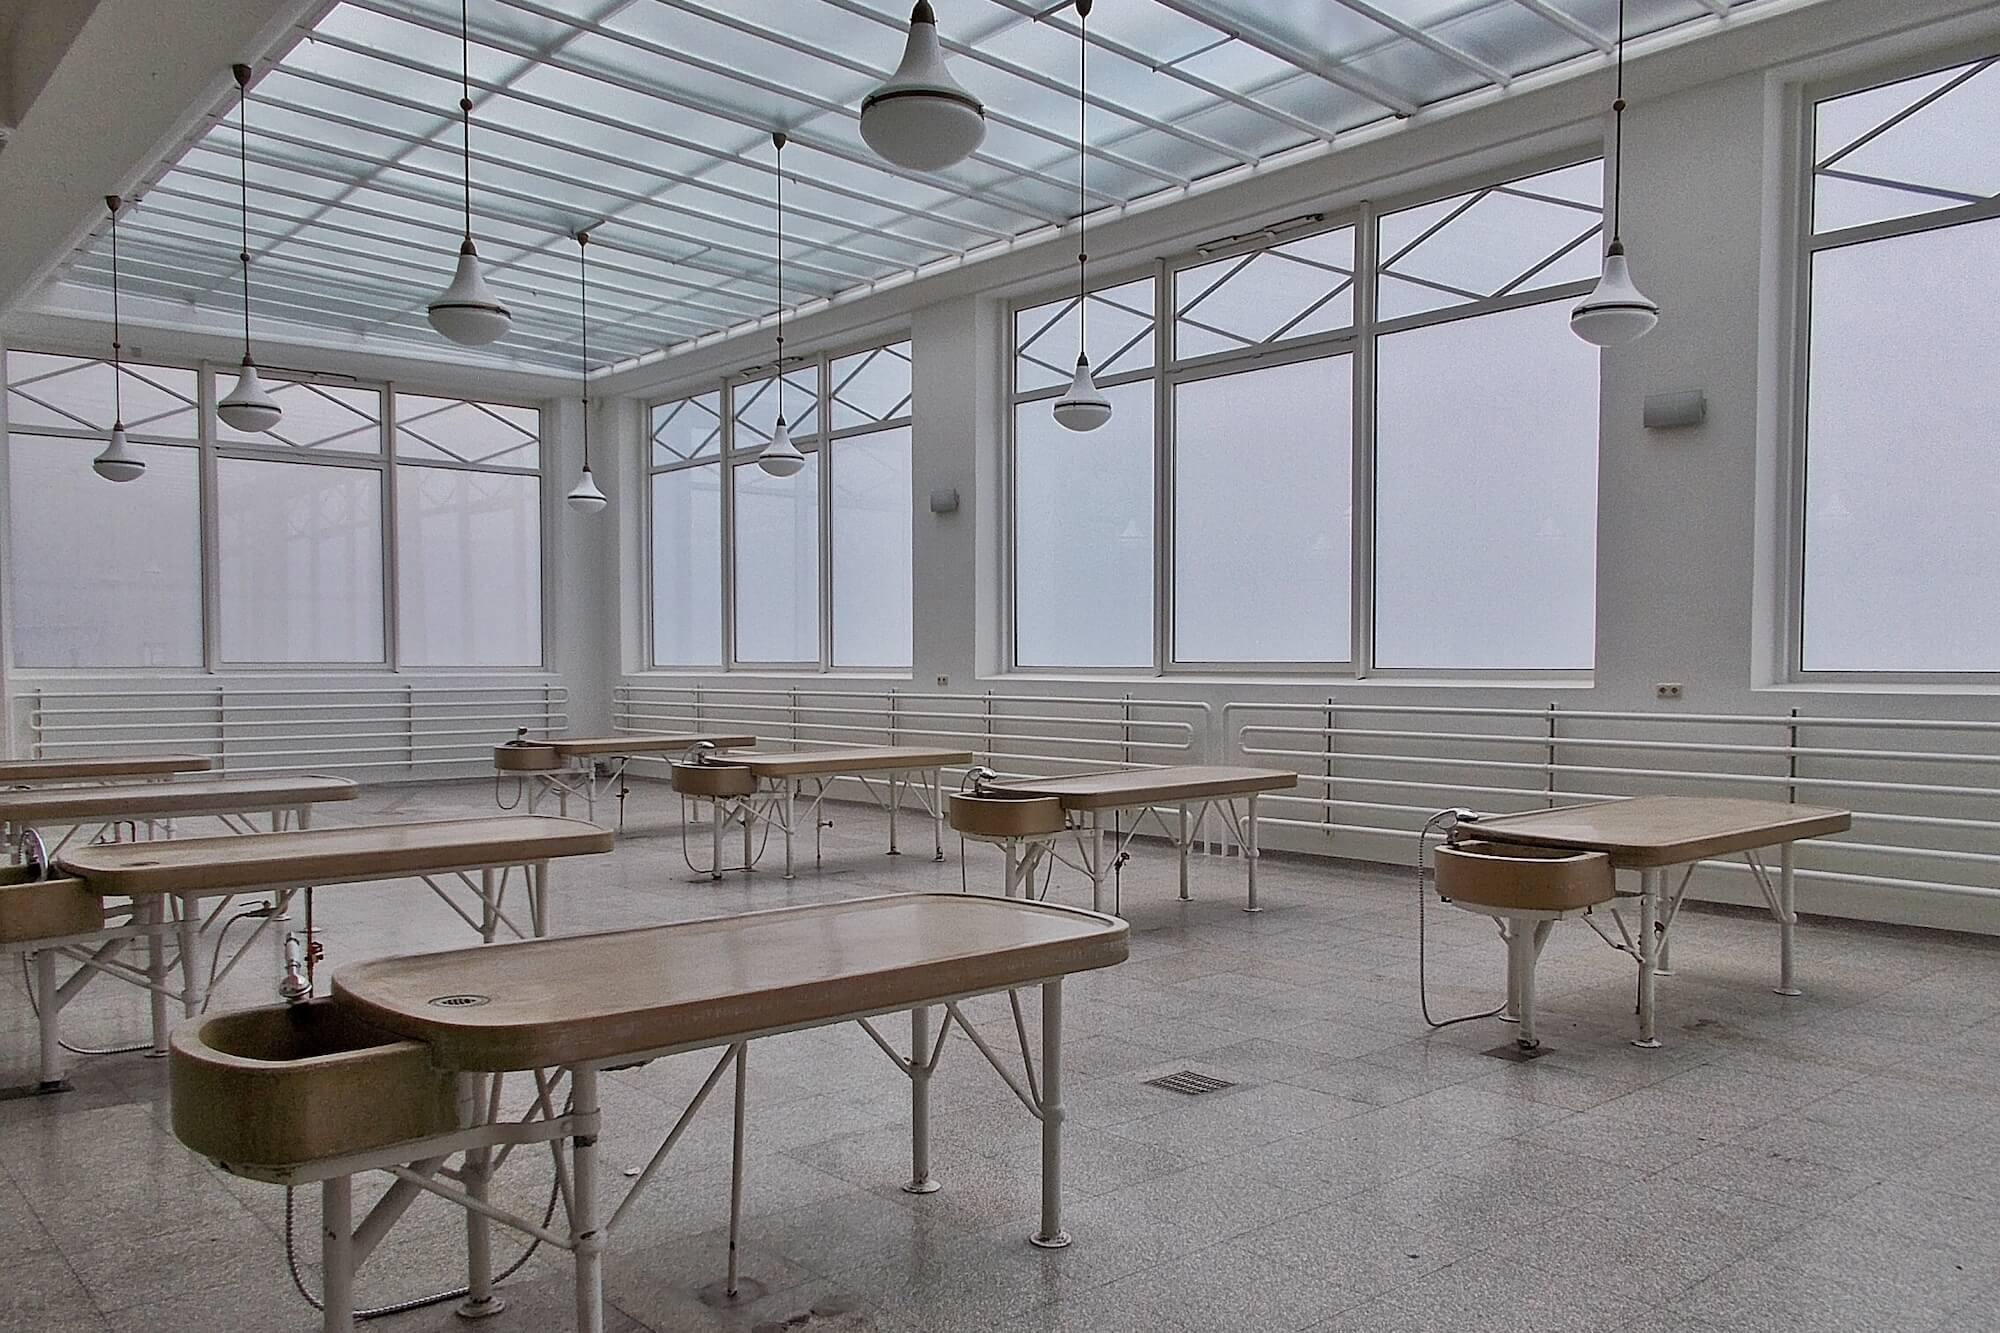 In seiner Dauerausstellung zeigt das Medizinhistorische Museum Hamburg die Geschichte der modernen Medizin vom 19. bis zum 20. Jahrhundert.